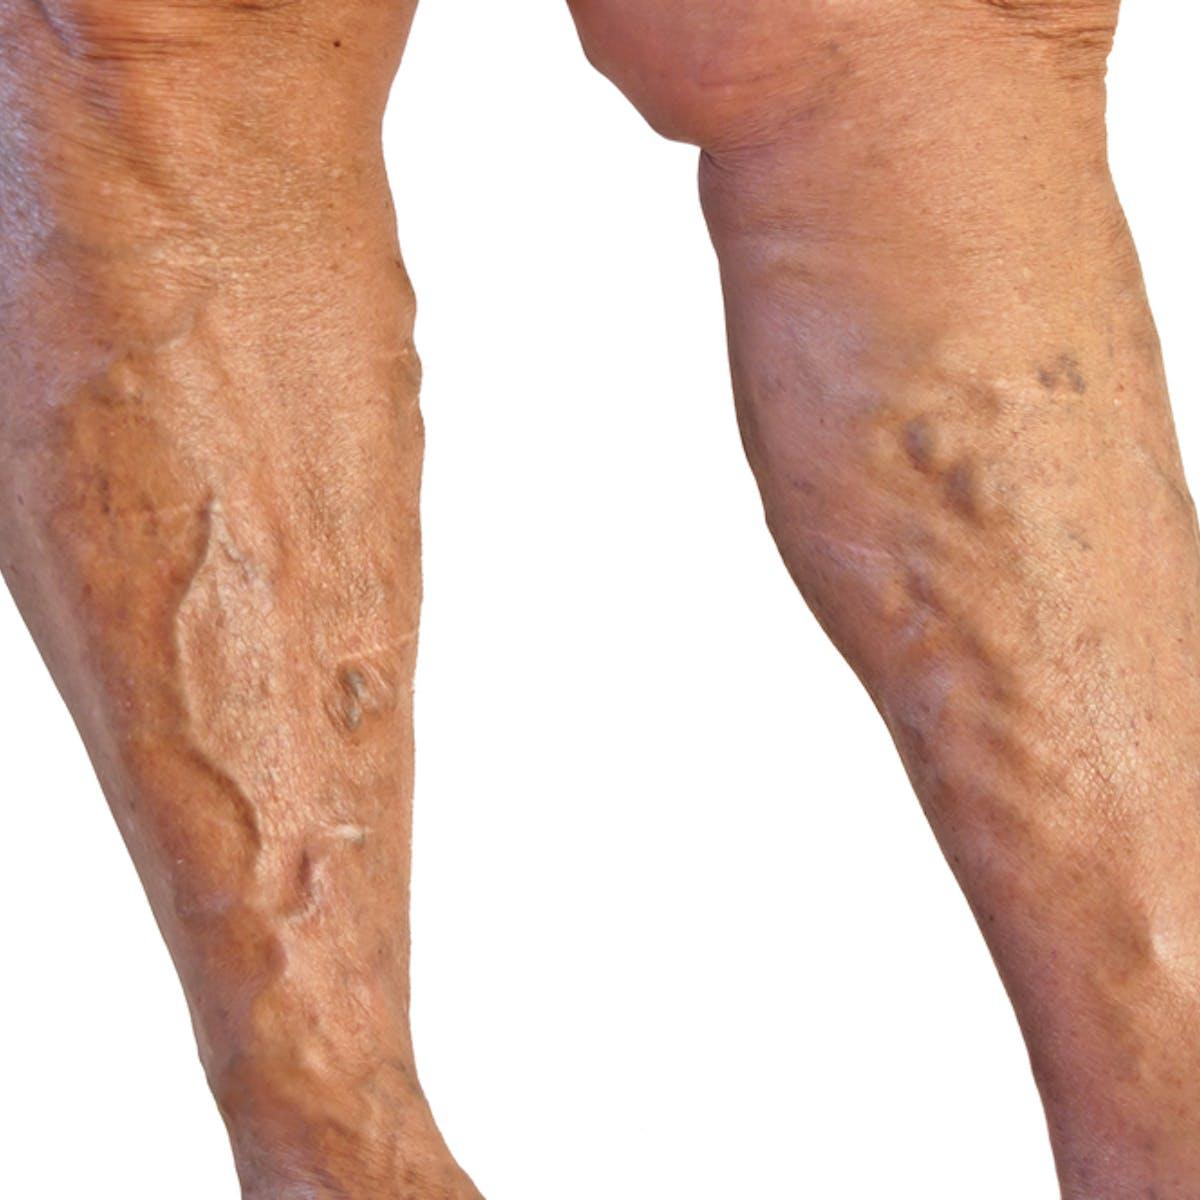 spider veins on calves